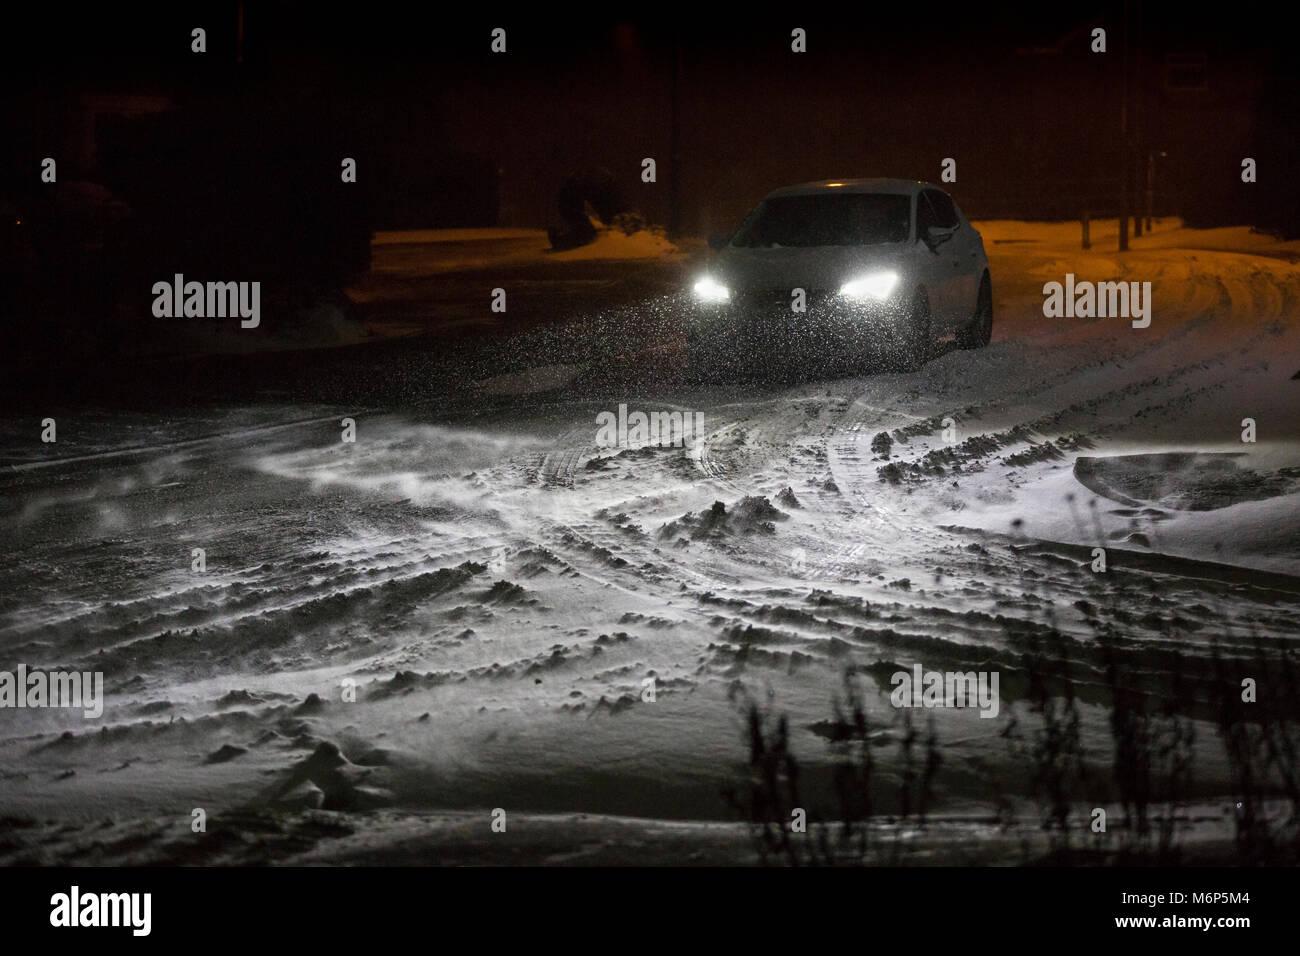 Une voiture roulant sur une route couverte de neige à Redditch, Royaume-Uni Banque D'Images